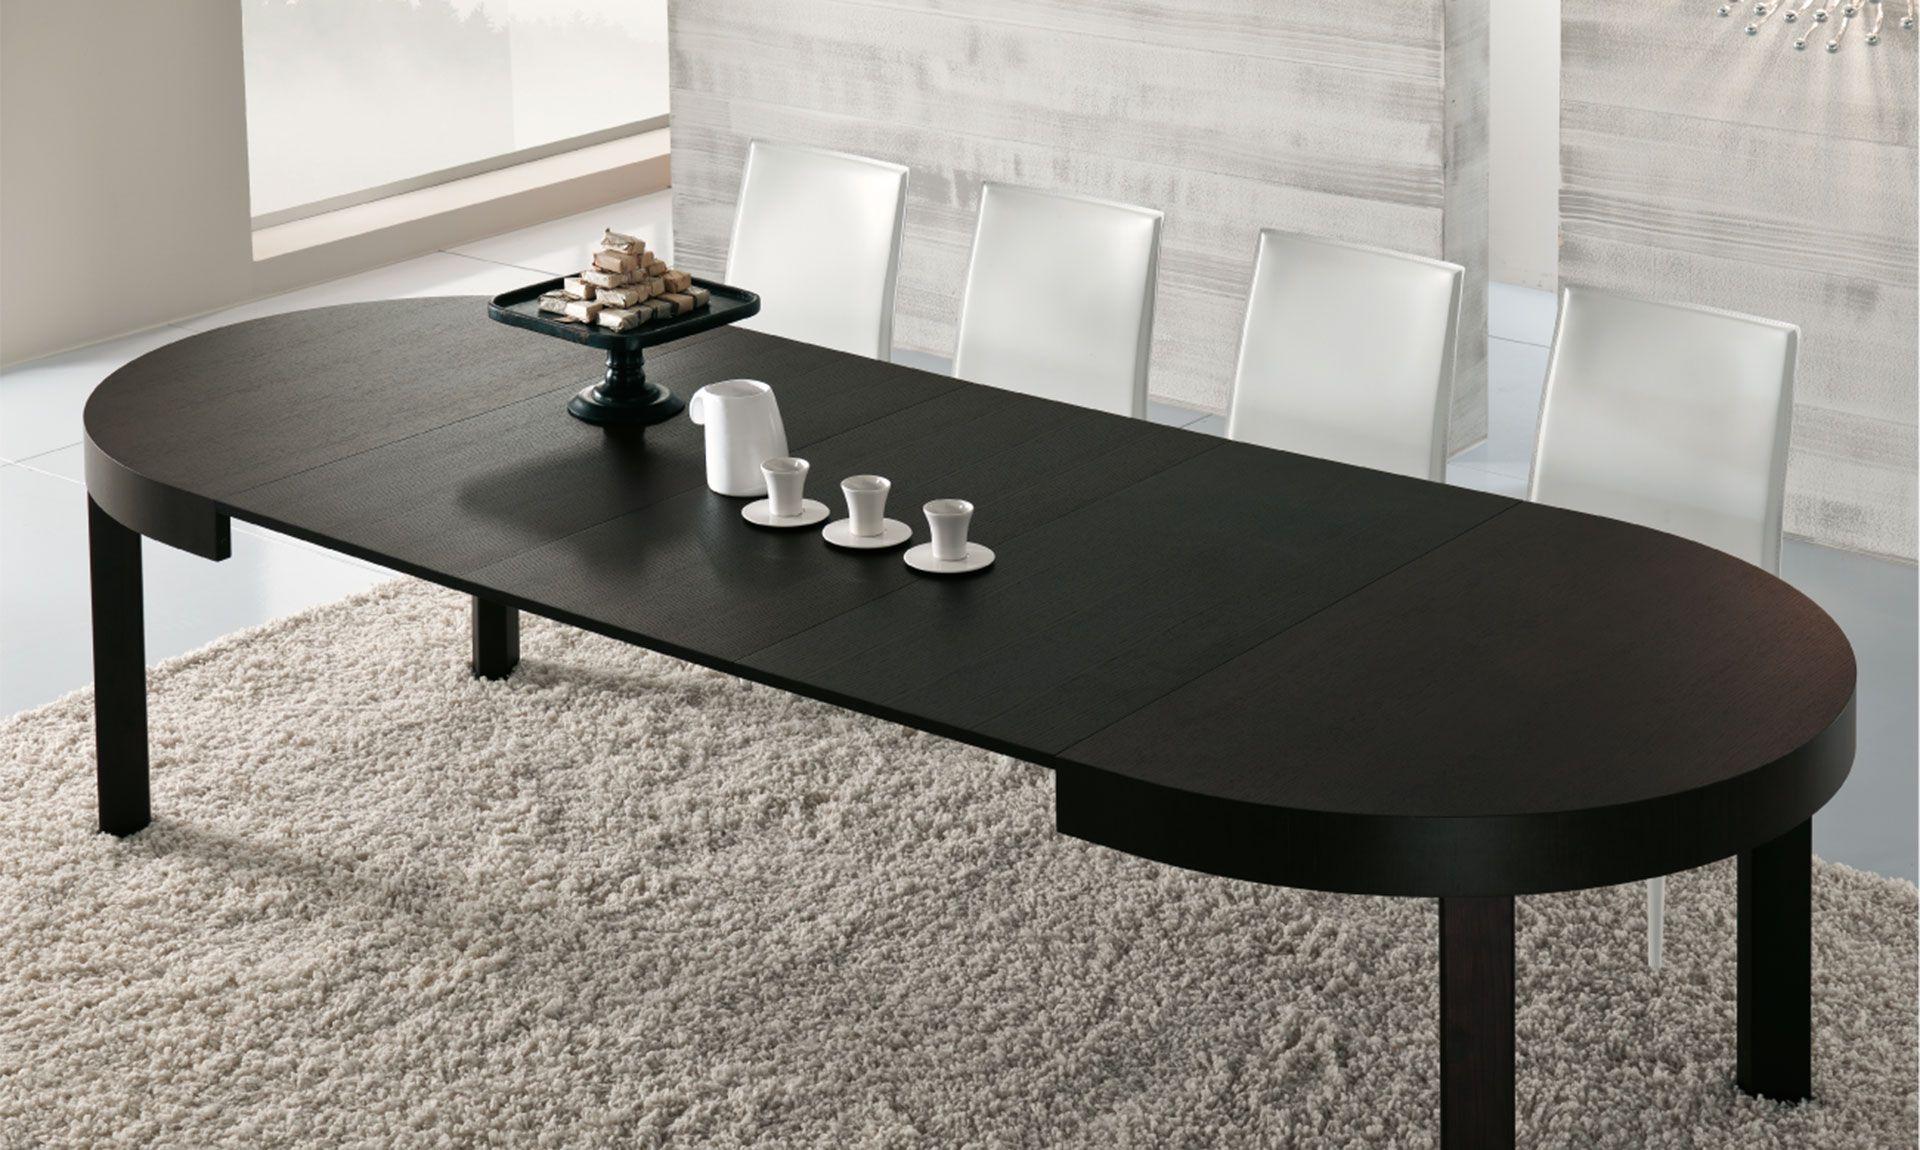 Tavolo Grigio ~ Tavolo rotondo zed zed è il tavolo rotondo che diventa oblungo